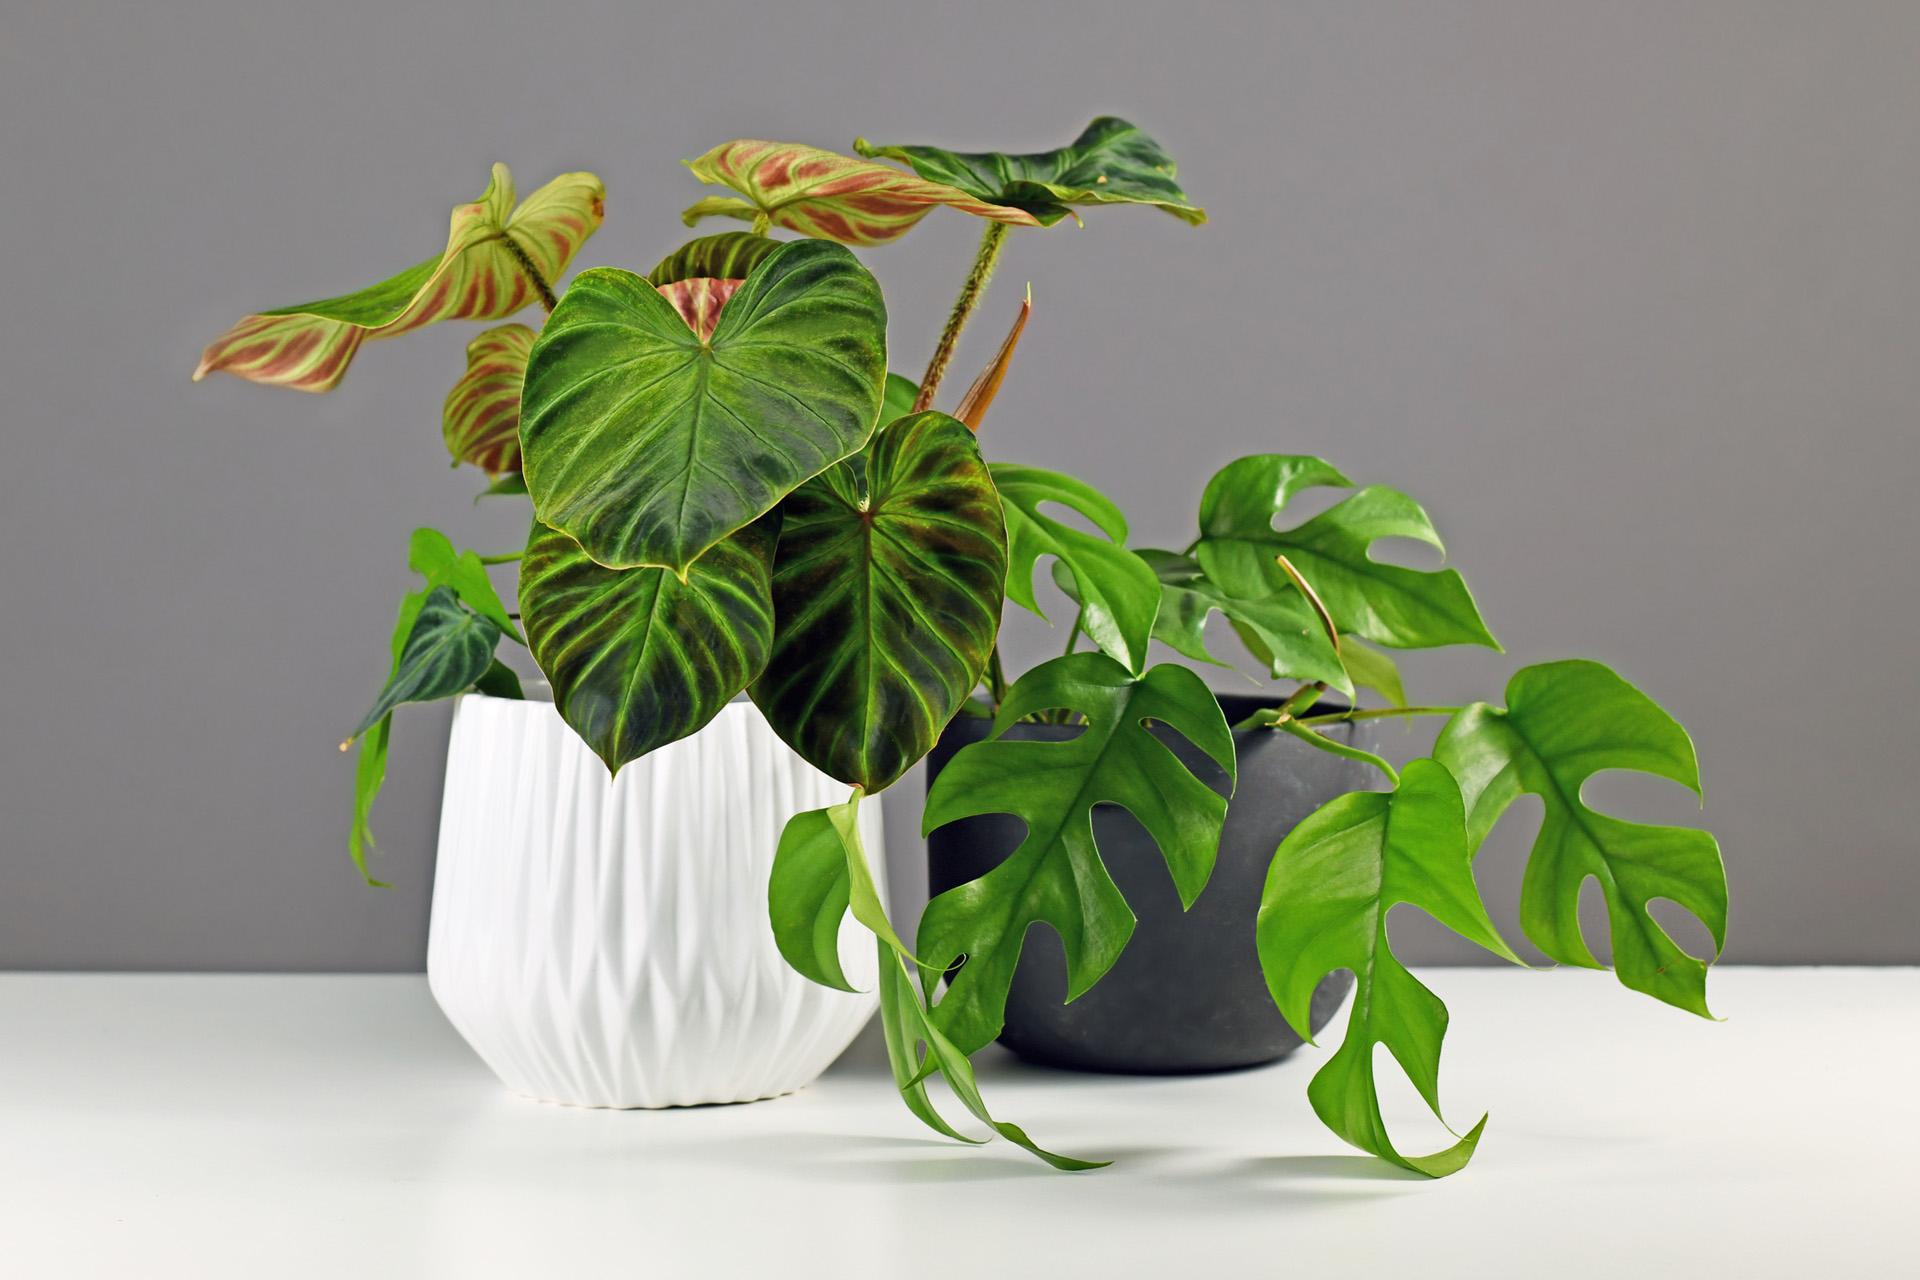 Milyen szobanövények lesznek menők?